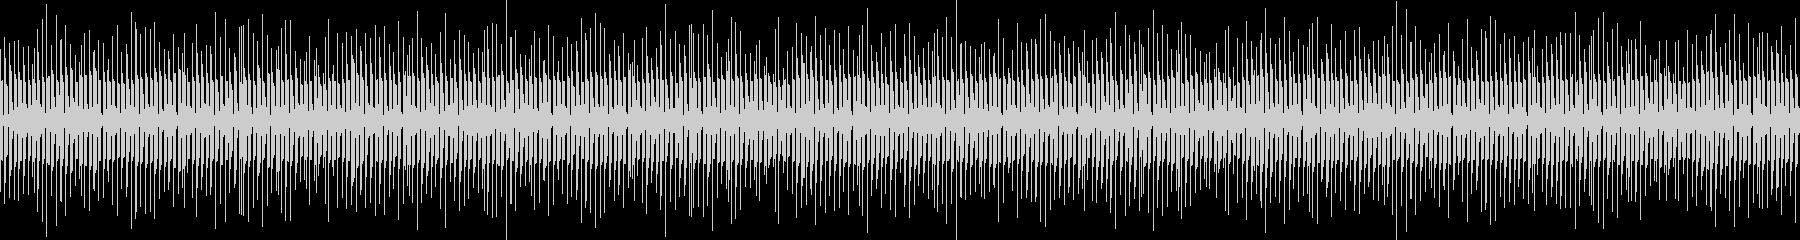 ほのぼのとした日常、ループBGMの未再生の波形